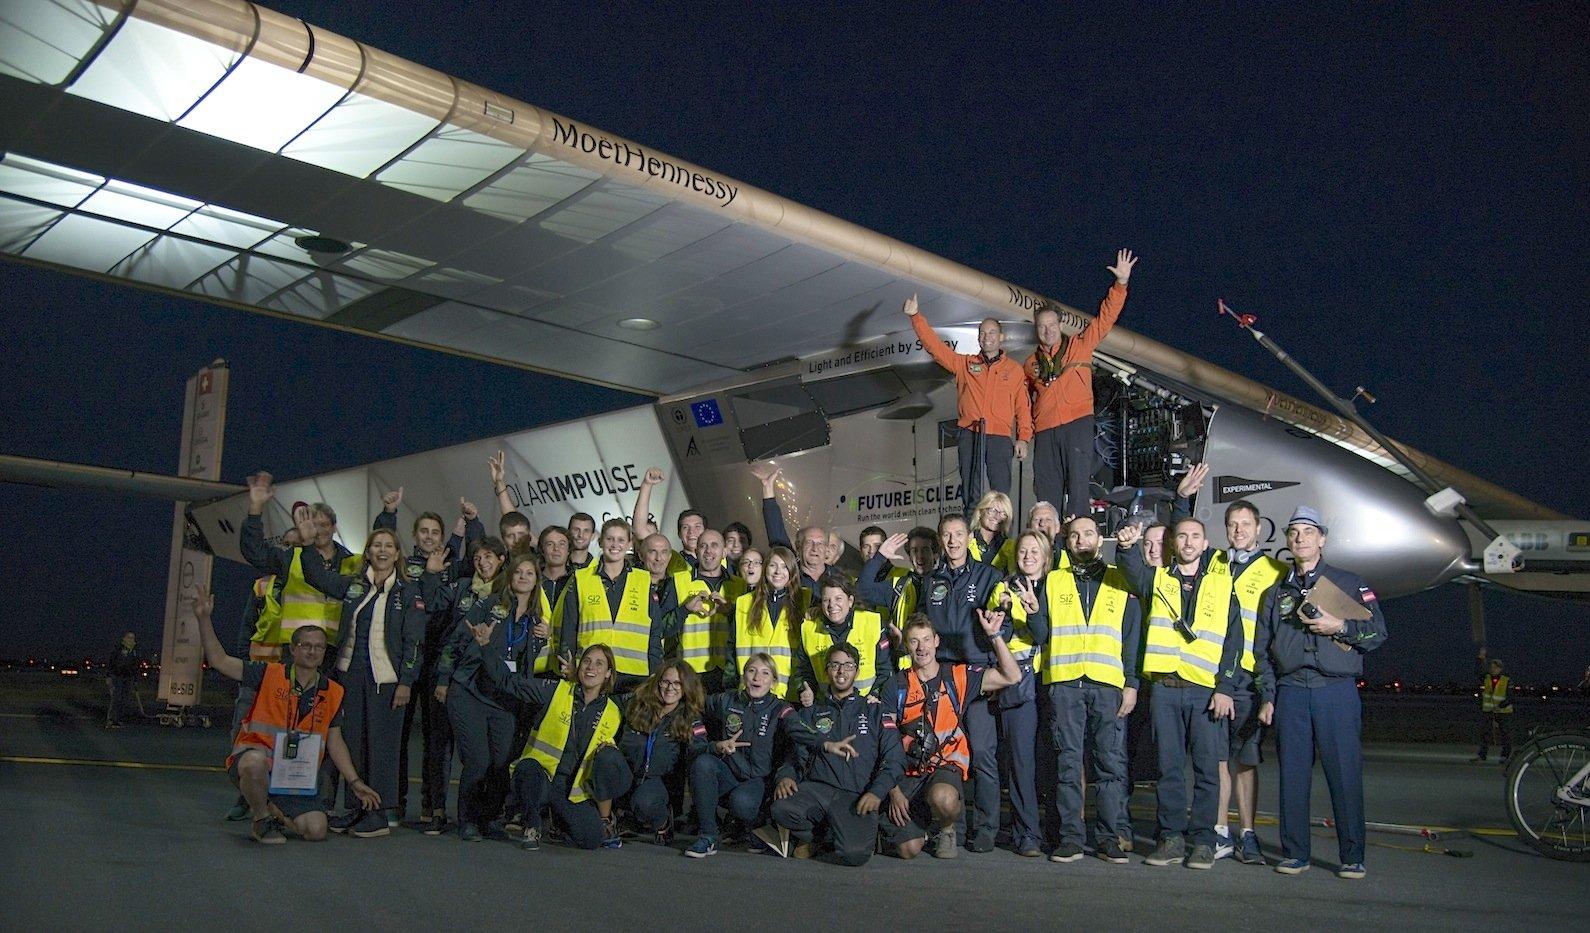 Das Solar-Impulse-Team und die Piloten Borschberg (li.) und Piccard freuen sich in New York auf dem Flughafen über die erfolgreich absolvierte 14. Etappe.